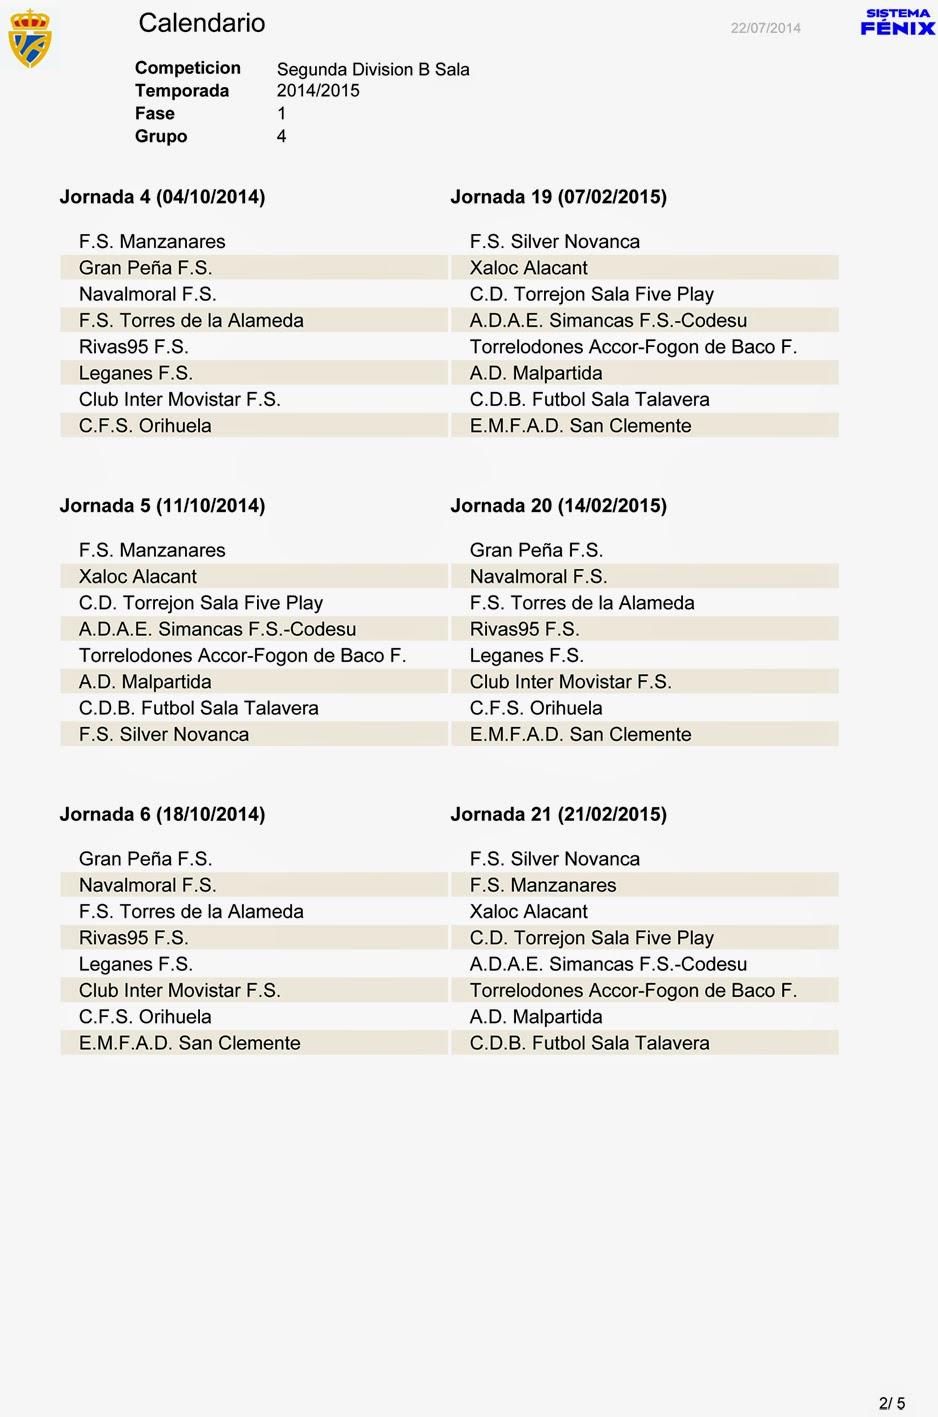 Calendario De Segunda Division De Futbol.Manzanares En Imagenes El Calendario De La Segunda Division B